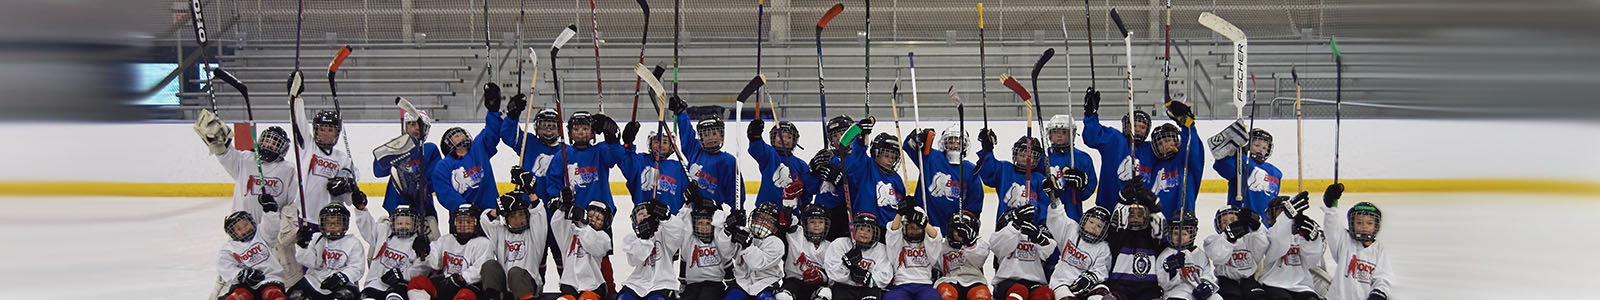 Learn to play hockey regina